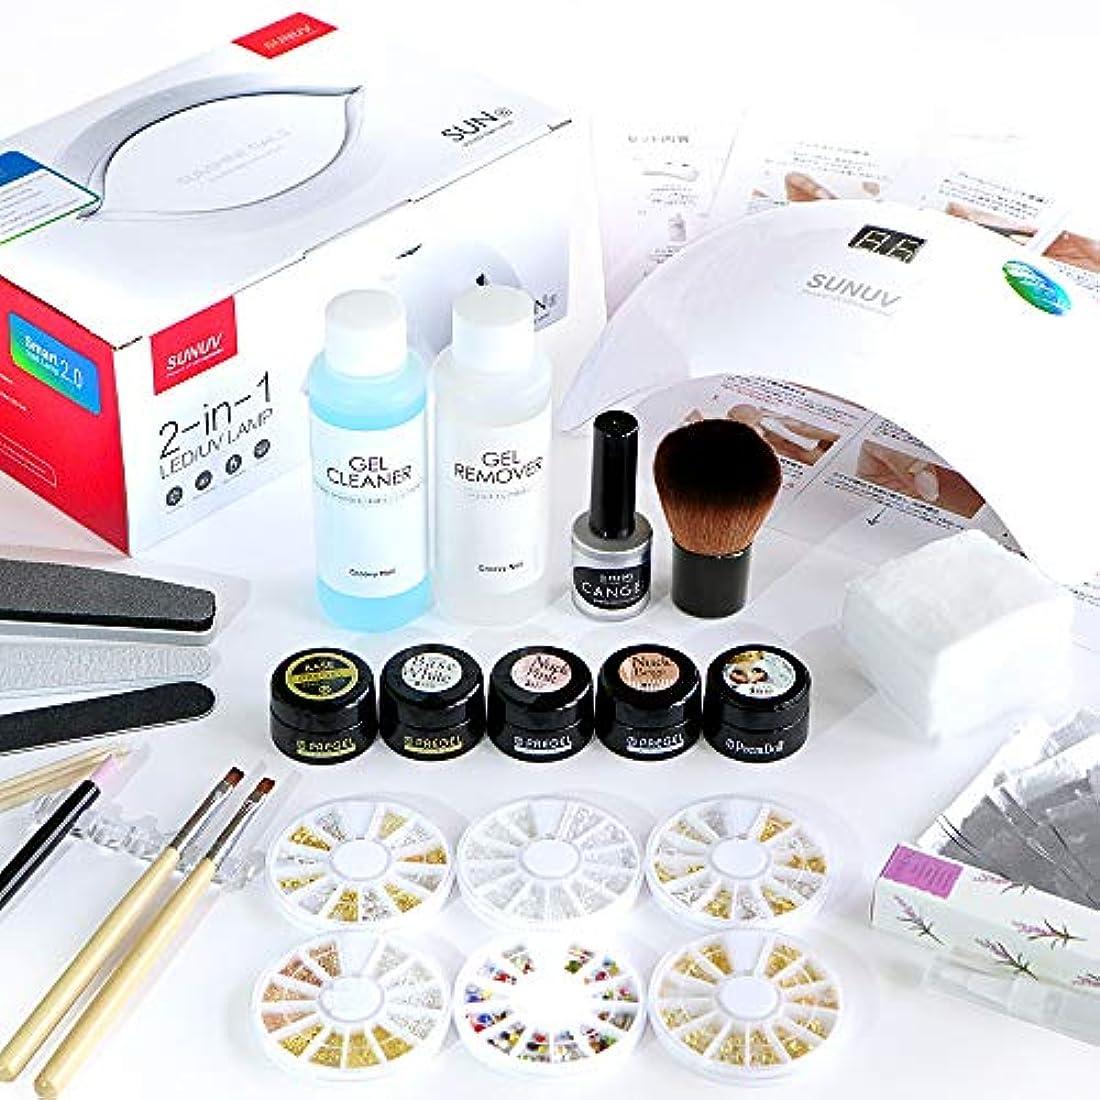 調停するブランチ追加するPREGEL プリジェル ジェルネイル スターターキット 日本製カラージェル4色+LEDライト48W ネイルアート 初心者におすすめ